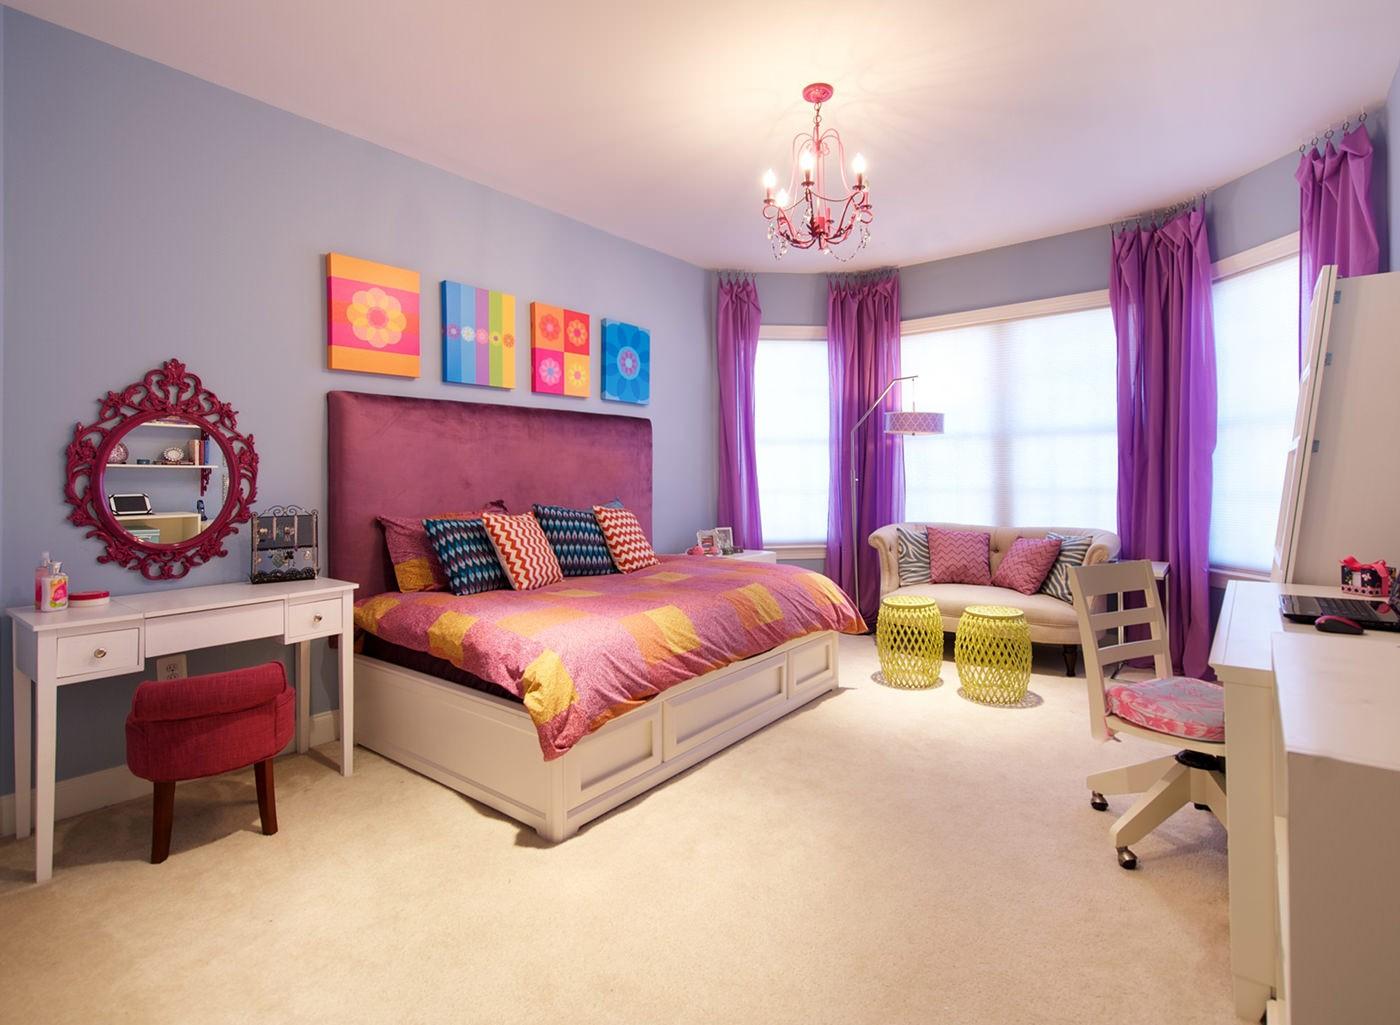 дизайн спальни для девушки фото идеи